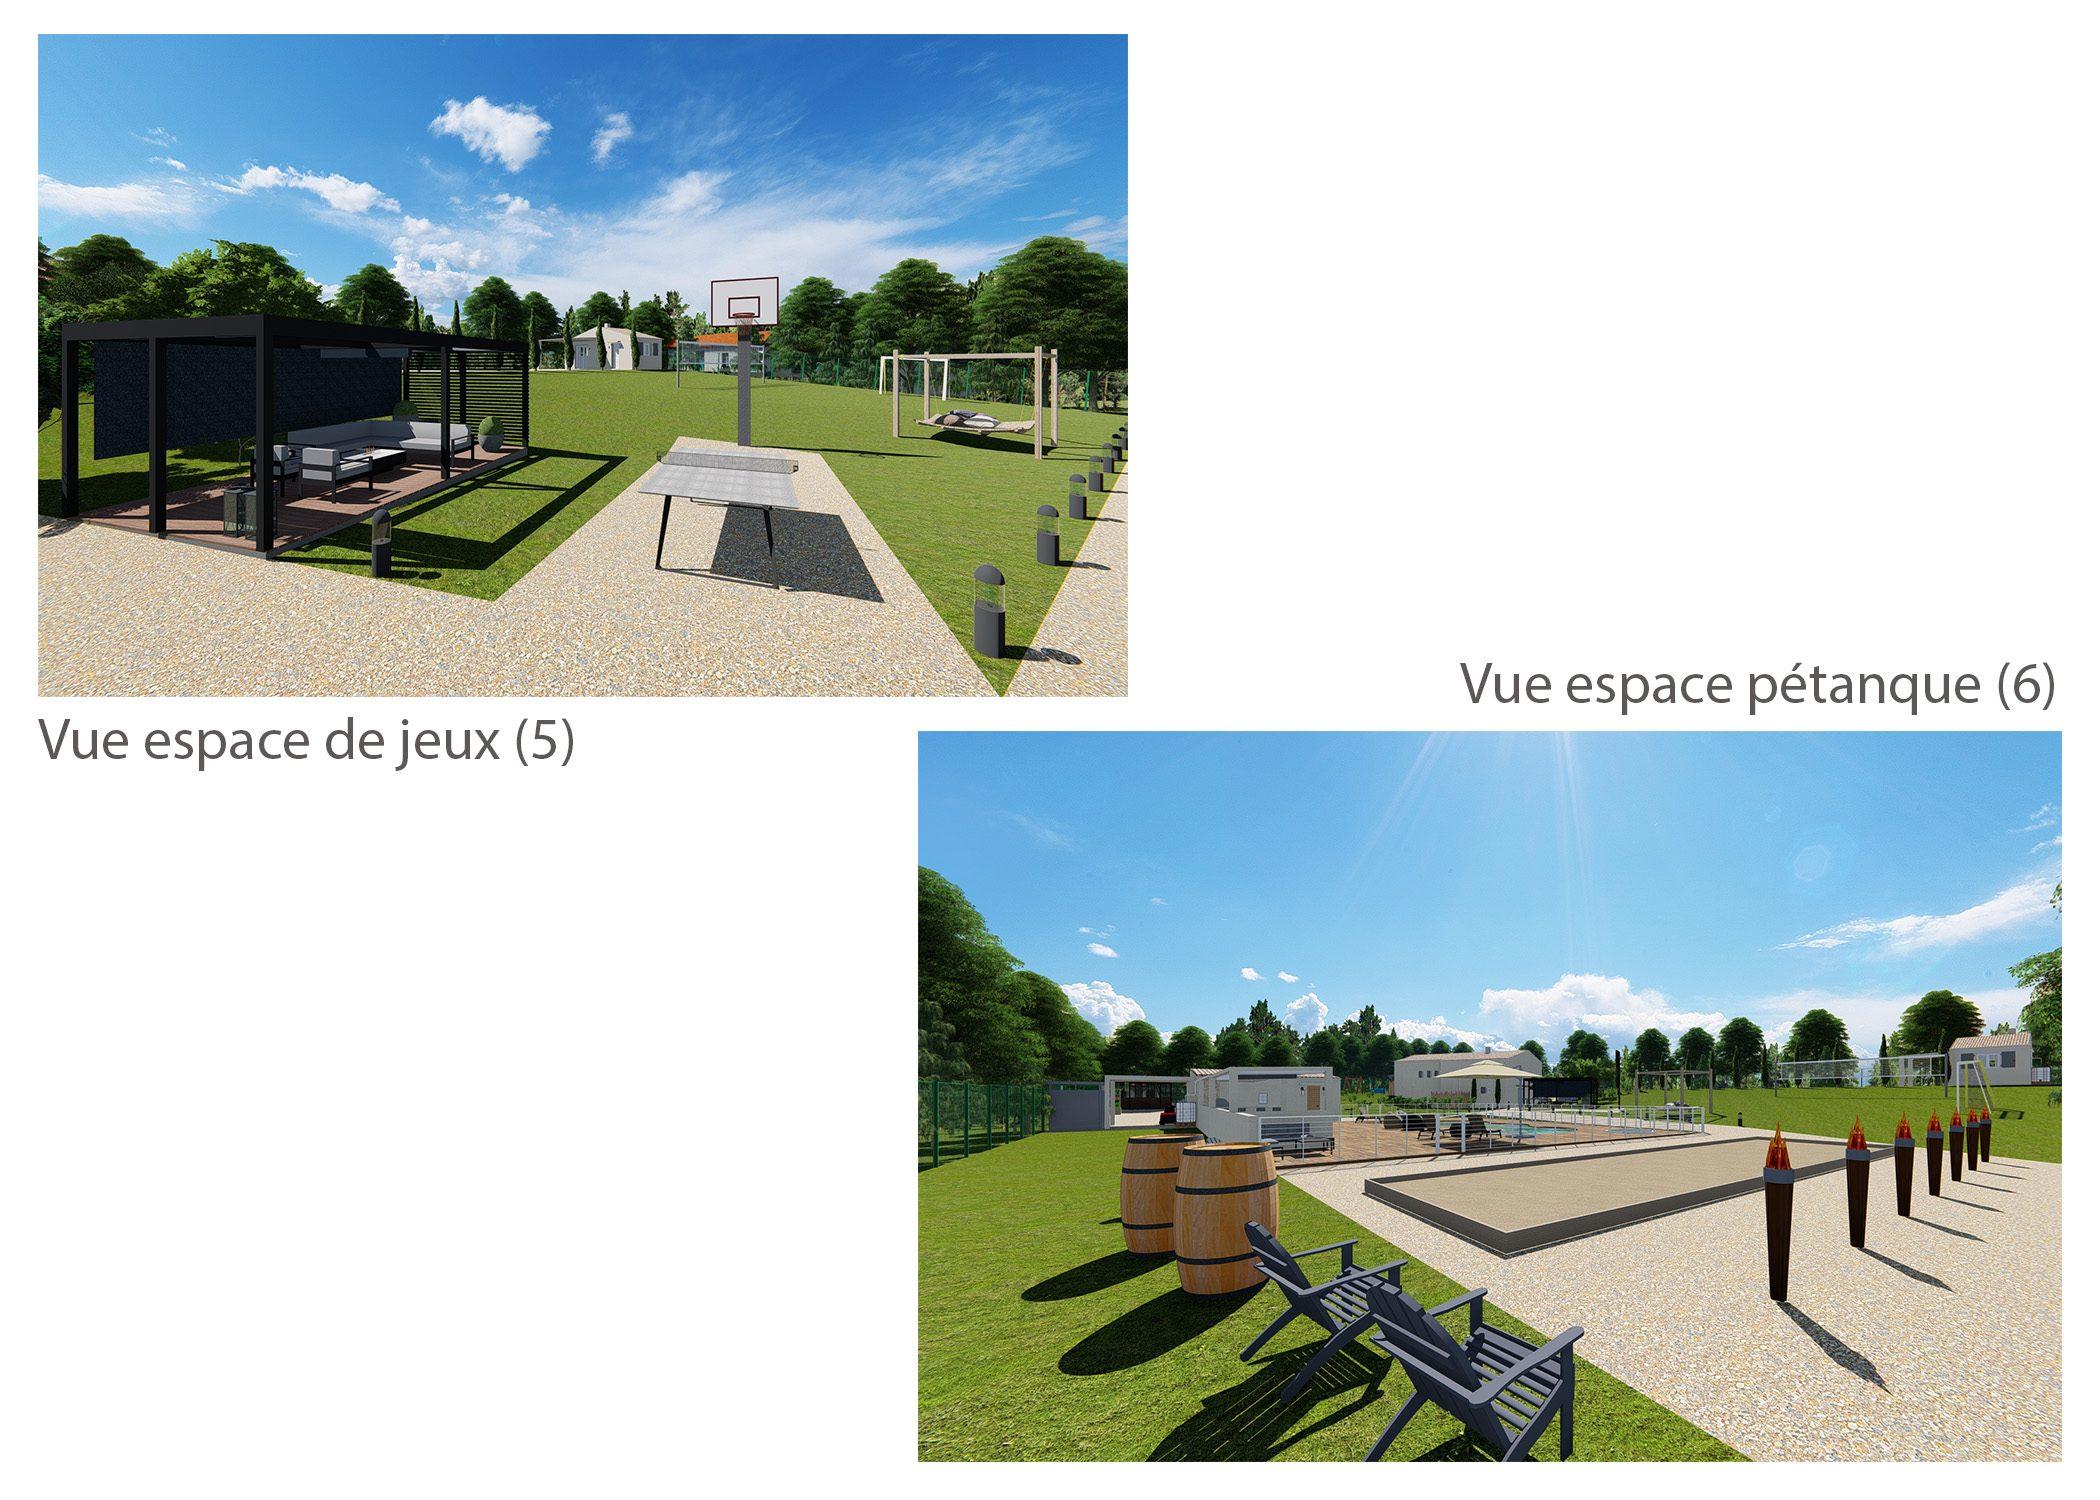 agencement terrain fuveau-espace exterieur-vues espaces jeux-dekho design